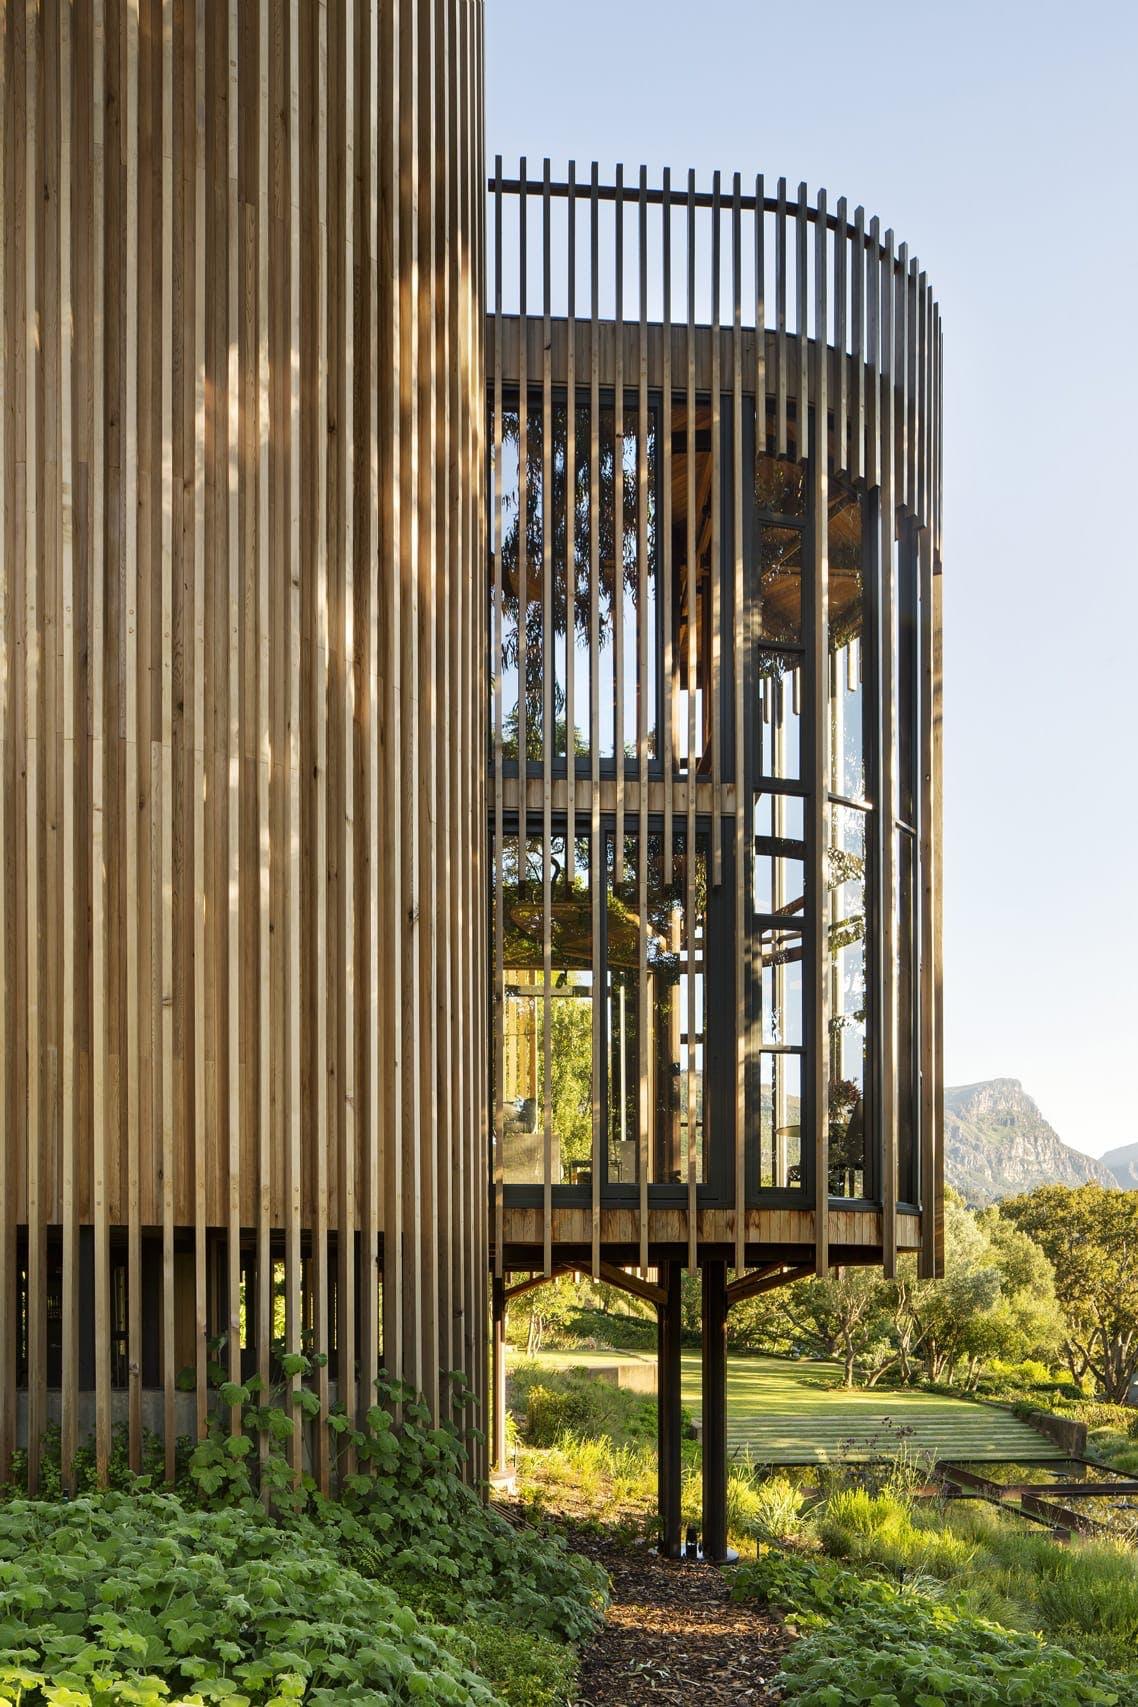 Cylinder arkitektur skov